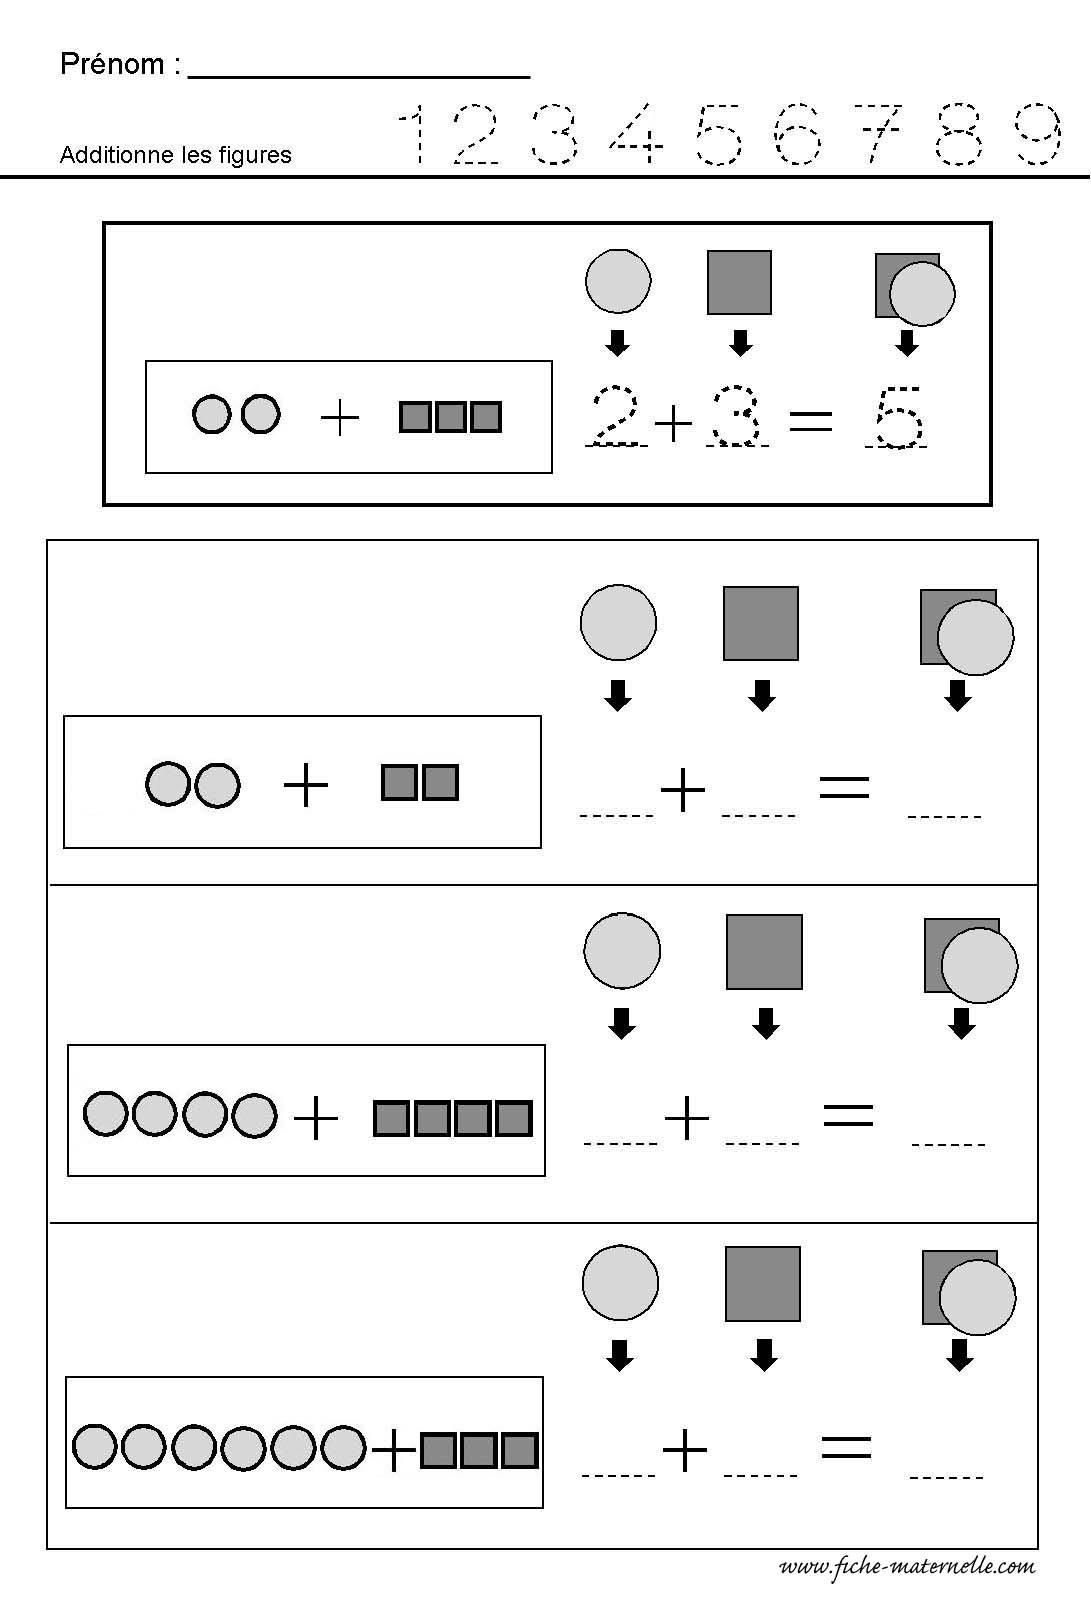 Des Formes Worksheet Collection | Printable Worksheets And intérieur Exercice Grande Section Maternelle Gratuit A Imprimer